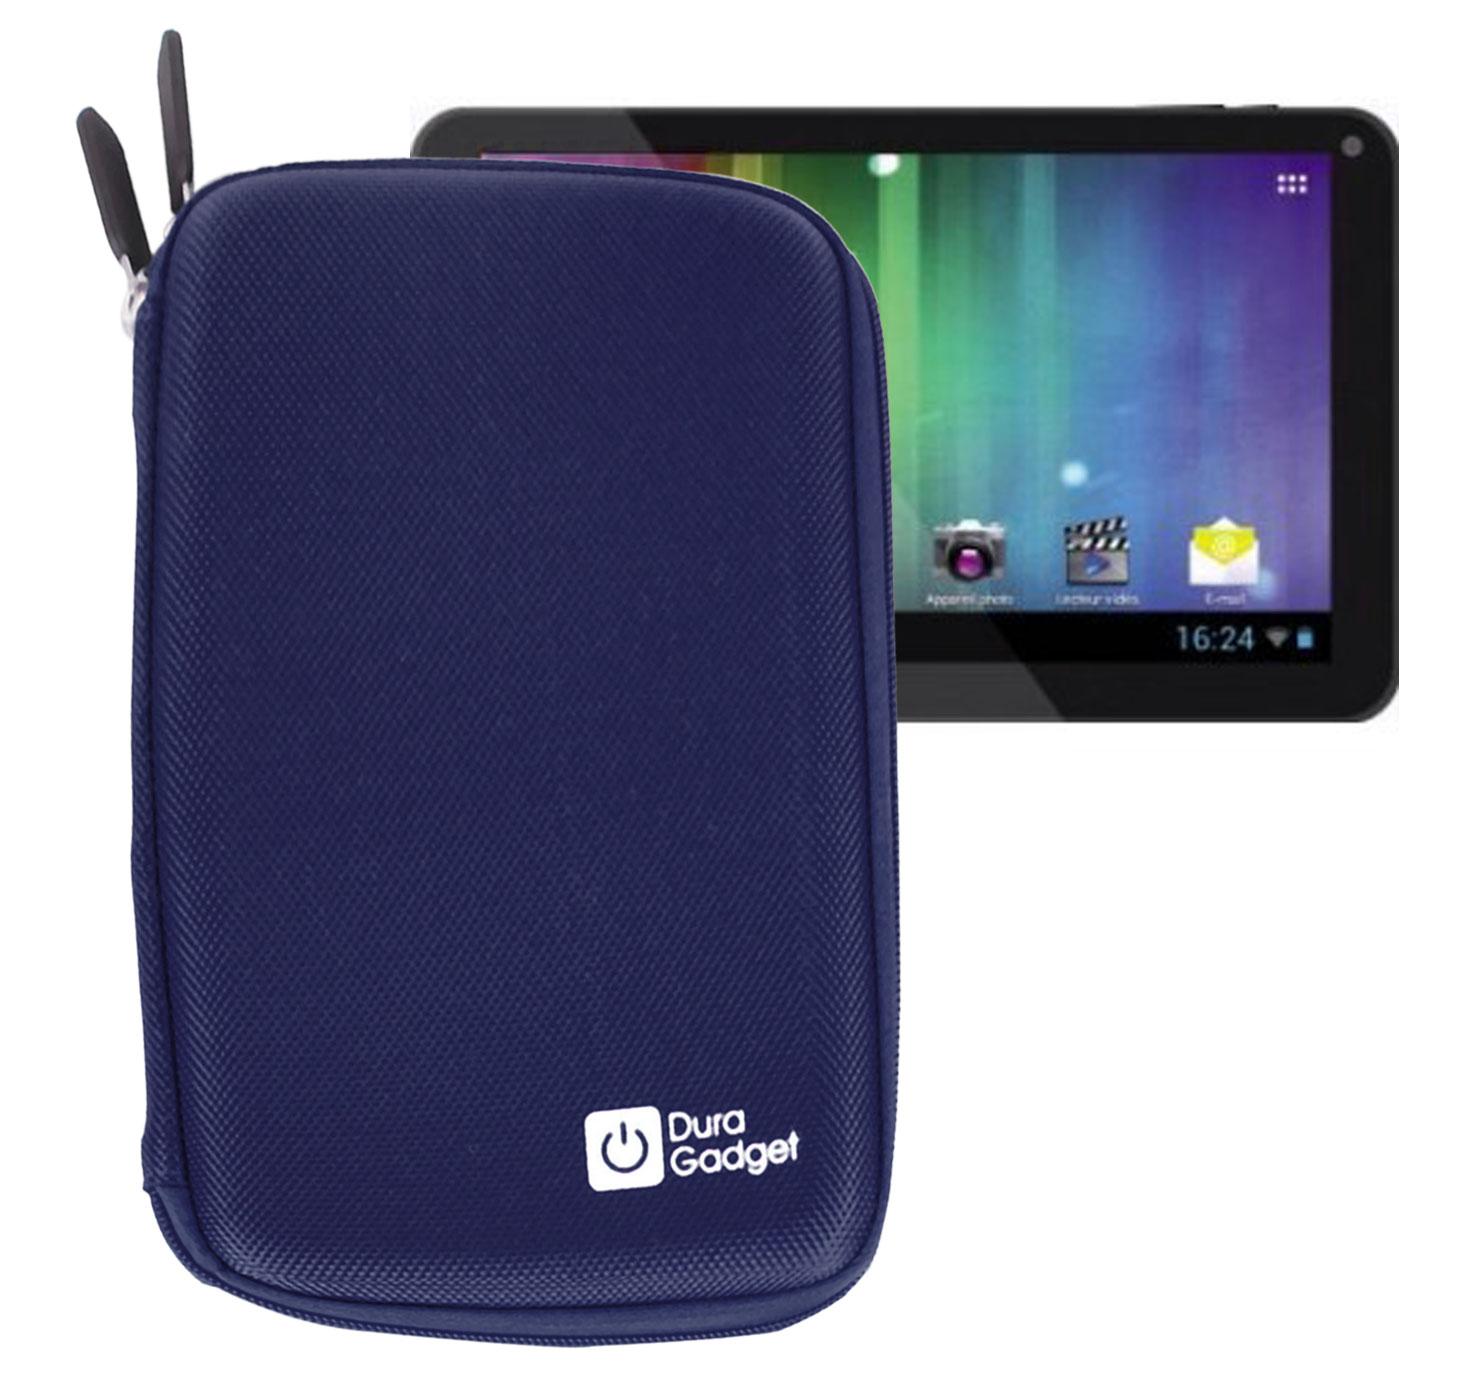 Etui bleu rigide pour tablette multim dia listo web 39 pad for Boulanger etui tablette